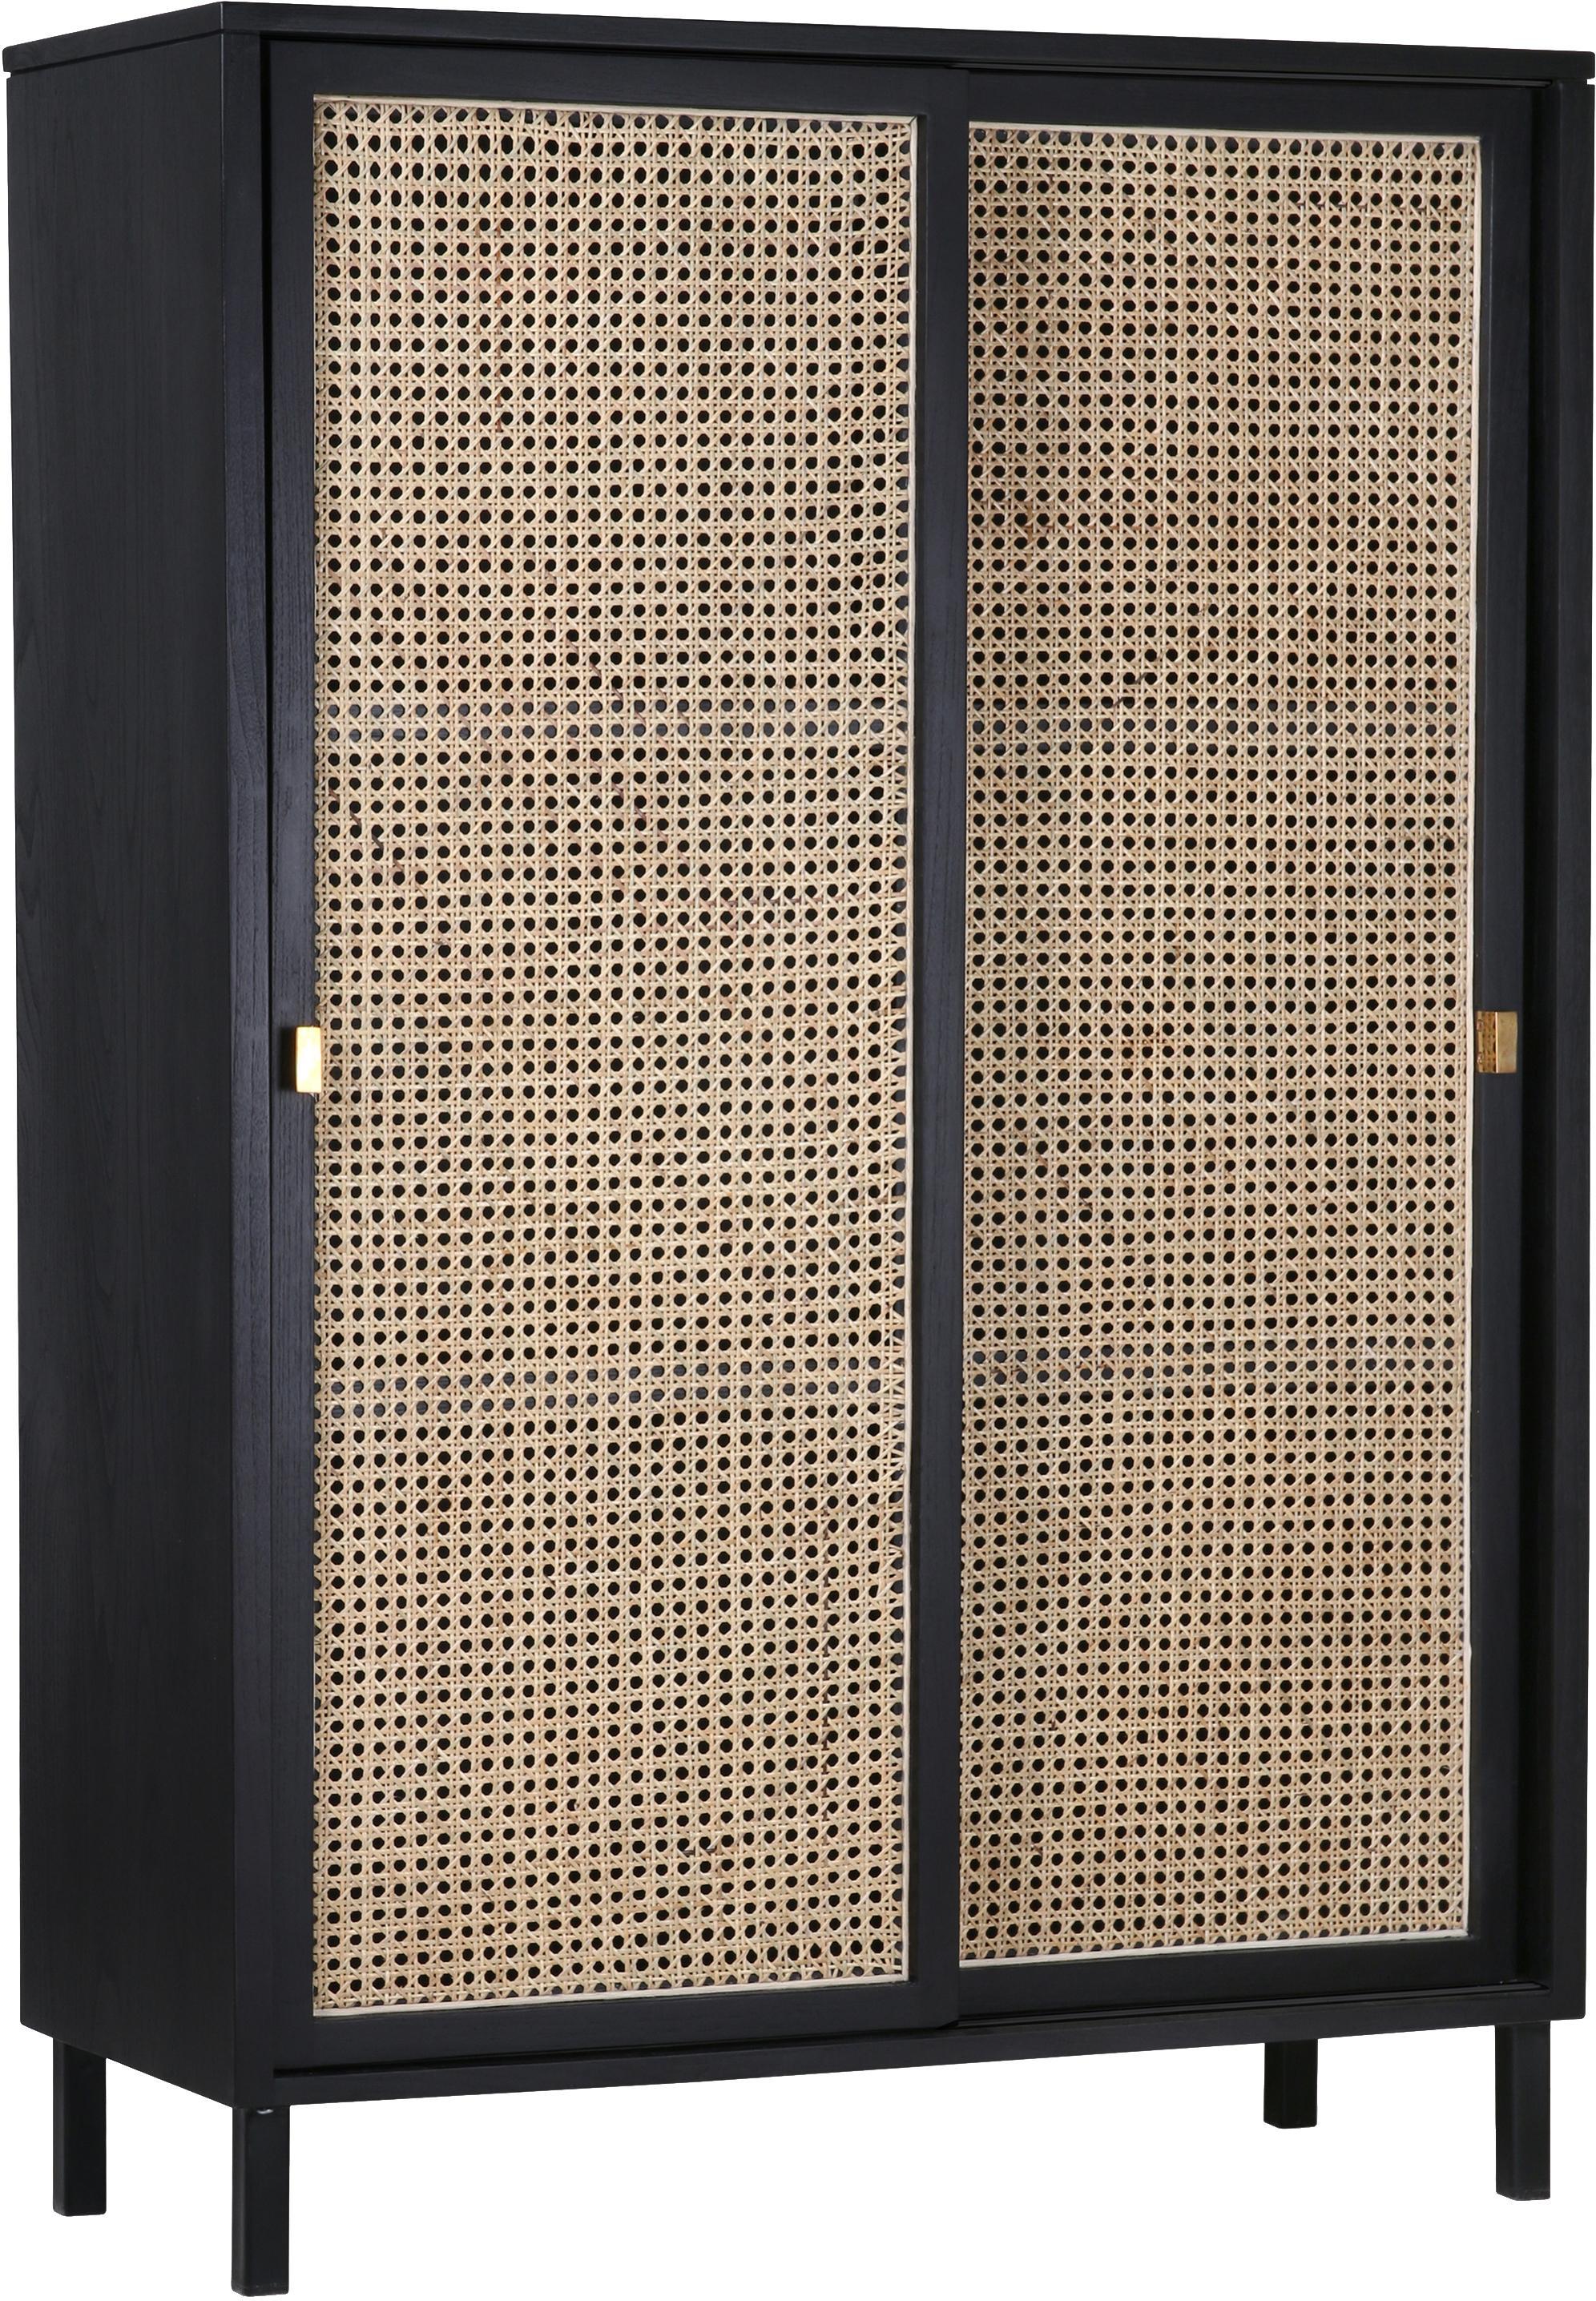 Schrank Retro mit Wiener Geflecht, Korpus: Sungkai-Holz, Füße: Metall, beschichtet, Griffe: Messing, Beige, Schwarz, 95 x 140 cm